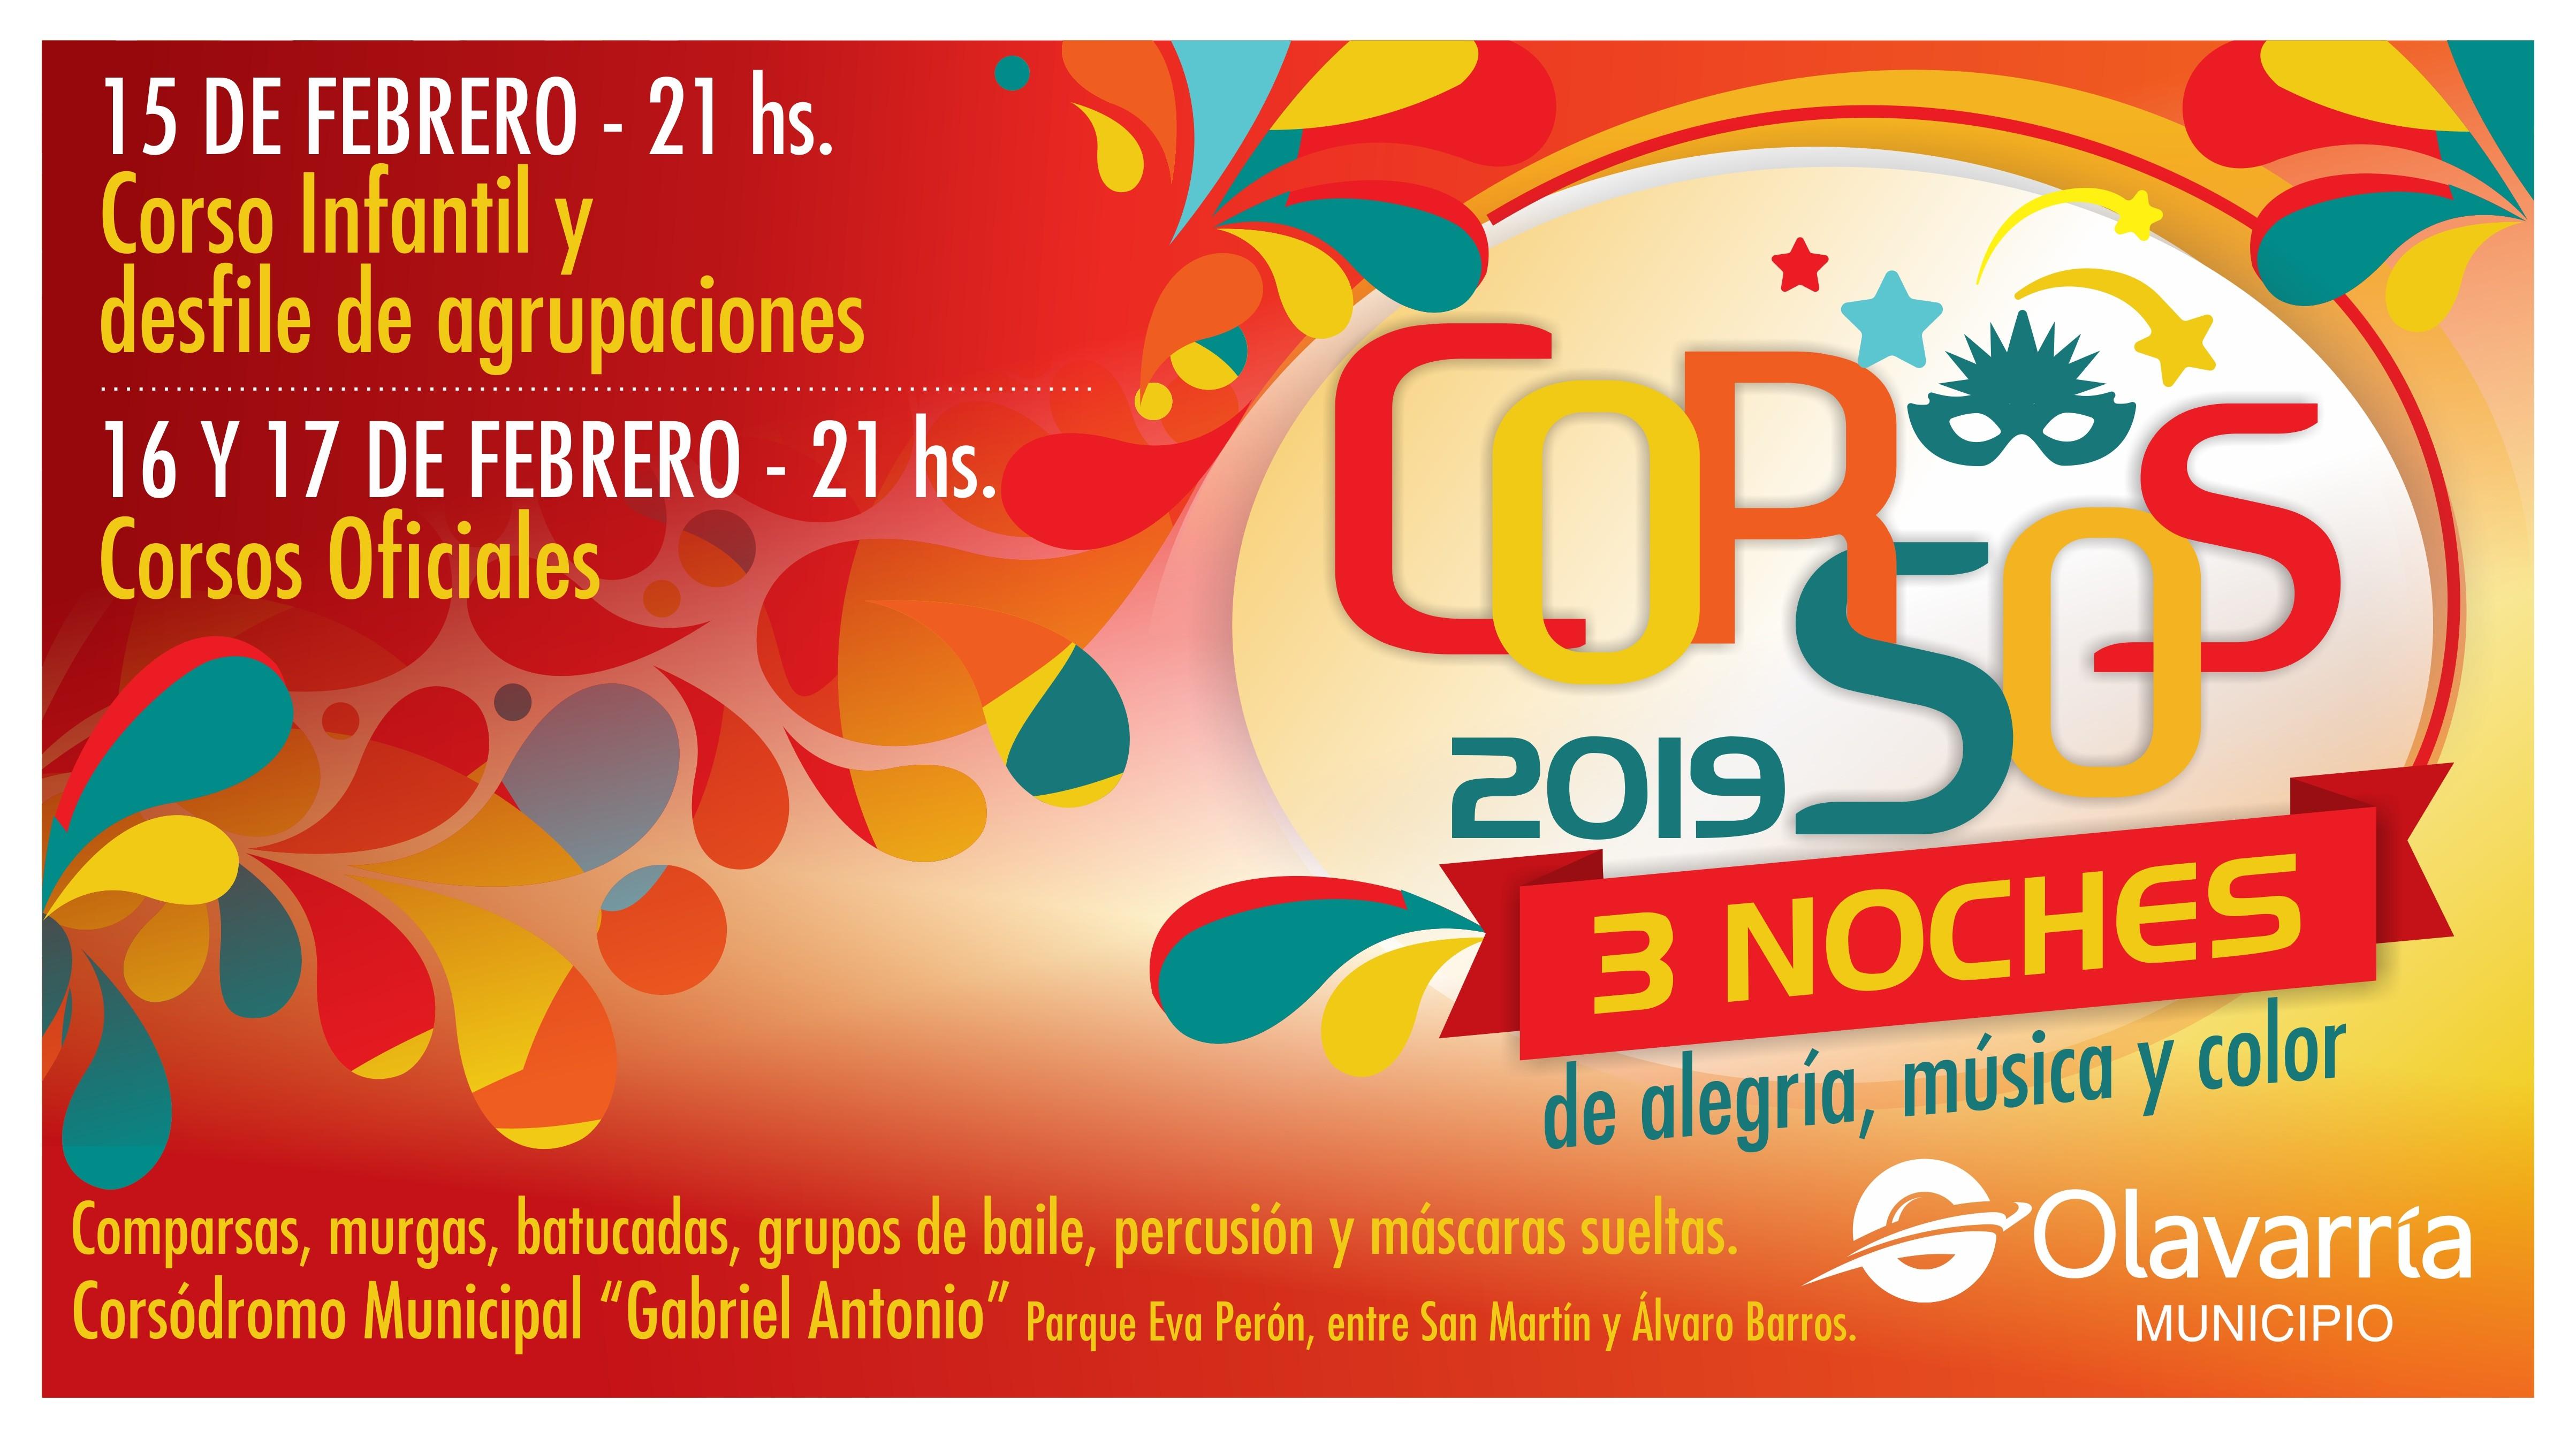 Calendario 2019 Up Más Actual Corsos Oficiales Of Calendario 2019 Up Actual Cute December Month Calendar 2018 T